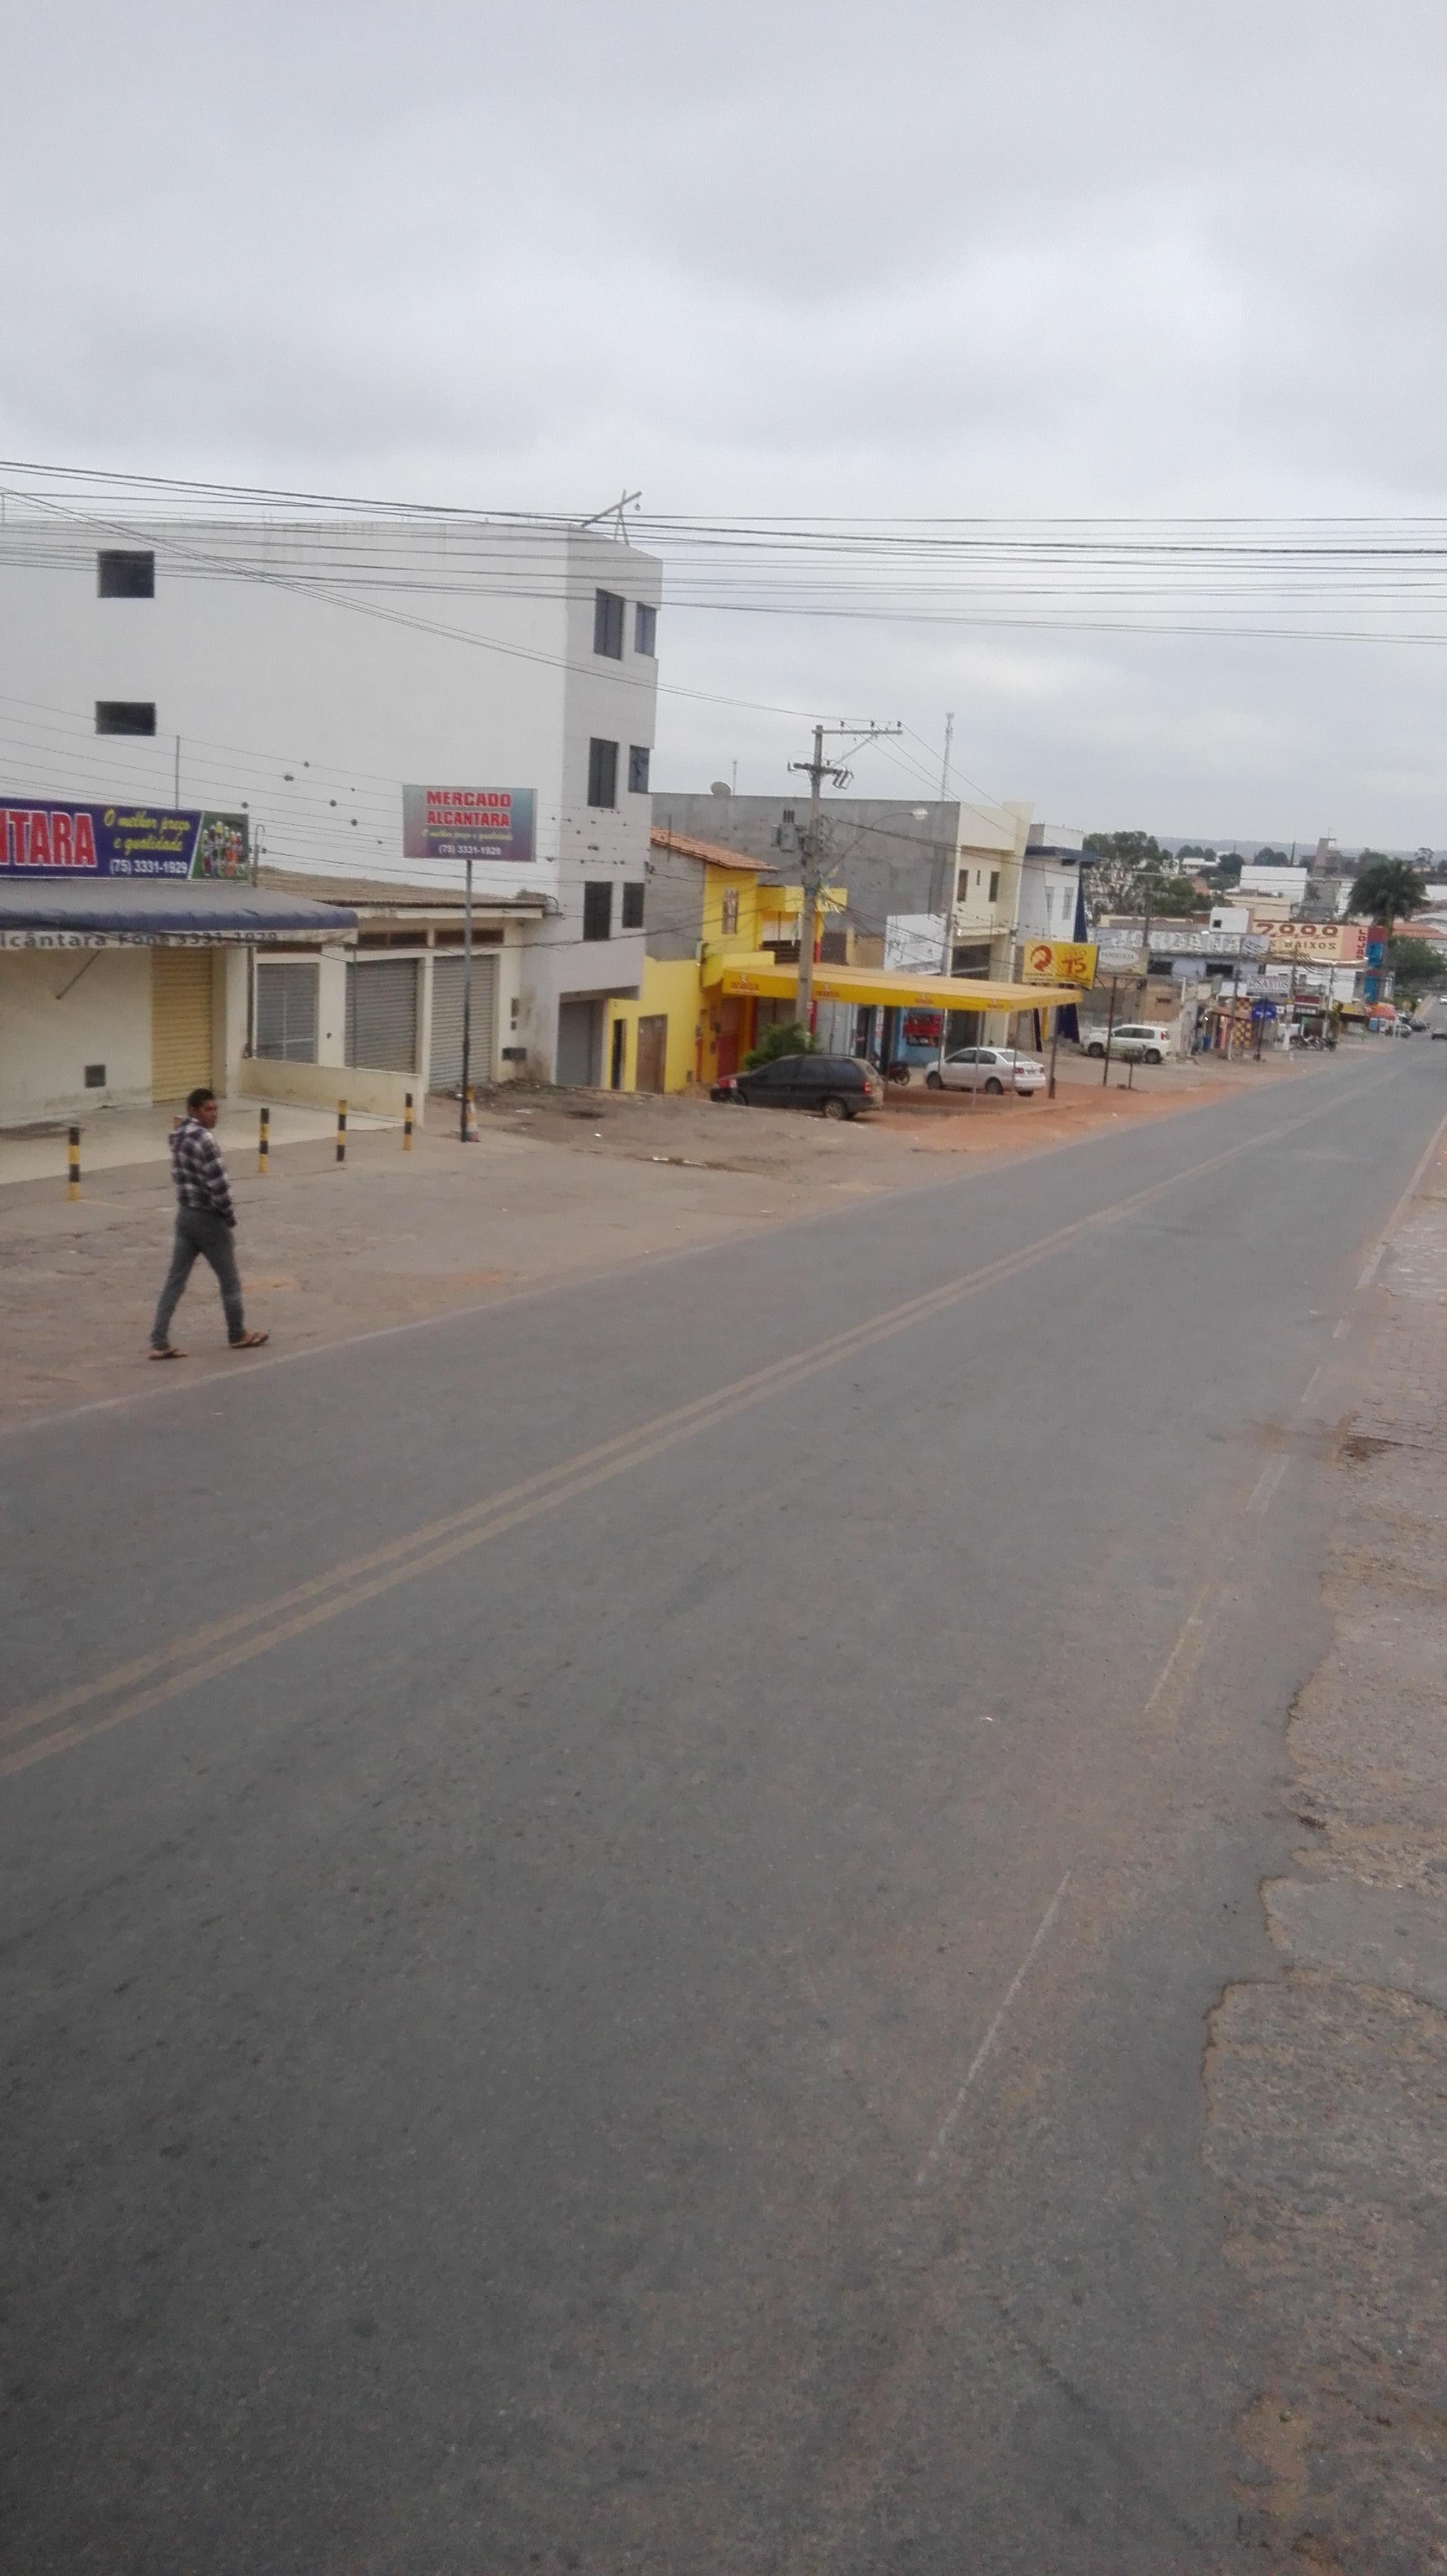 de-eerste-indrukken-op-deze-weg-richting-Ibitiara-33